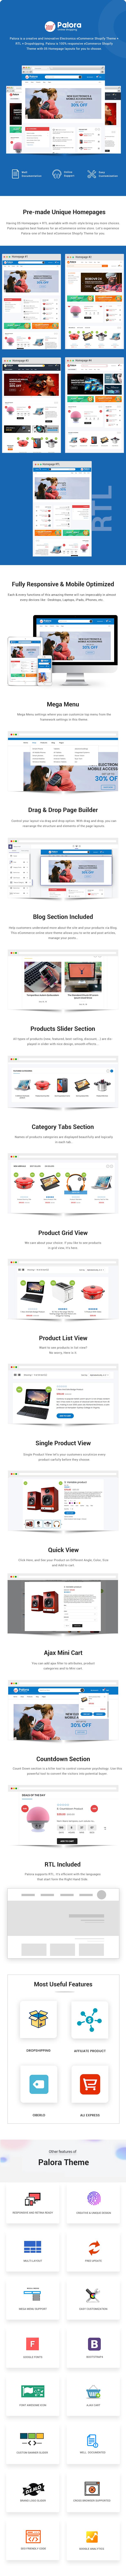 Palora - Electronics, kitchen Appliances Shop Shopify Theme - 1